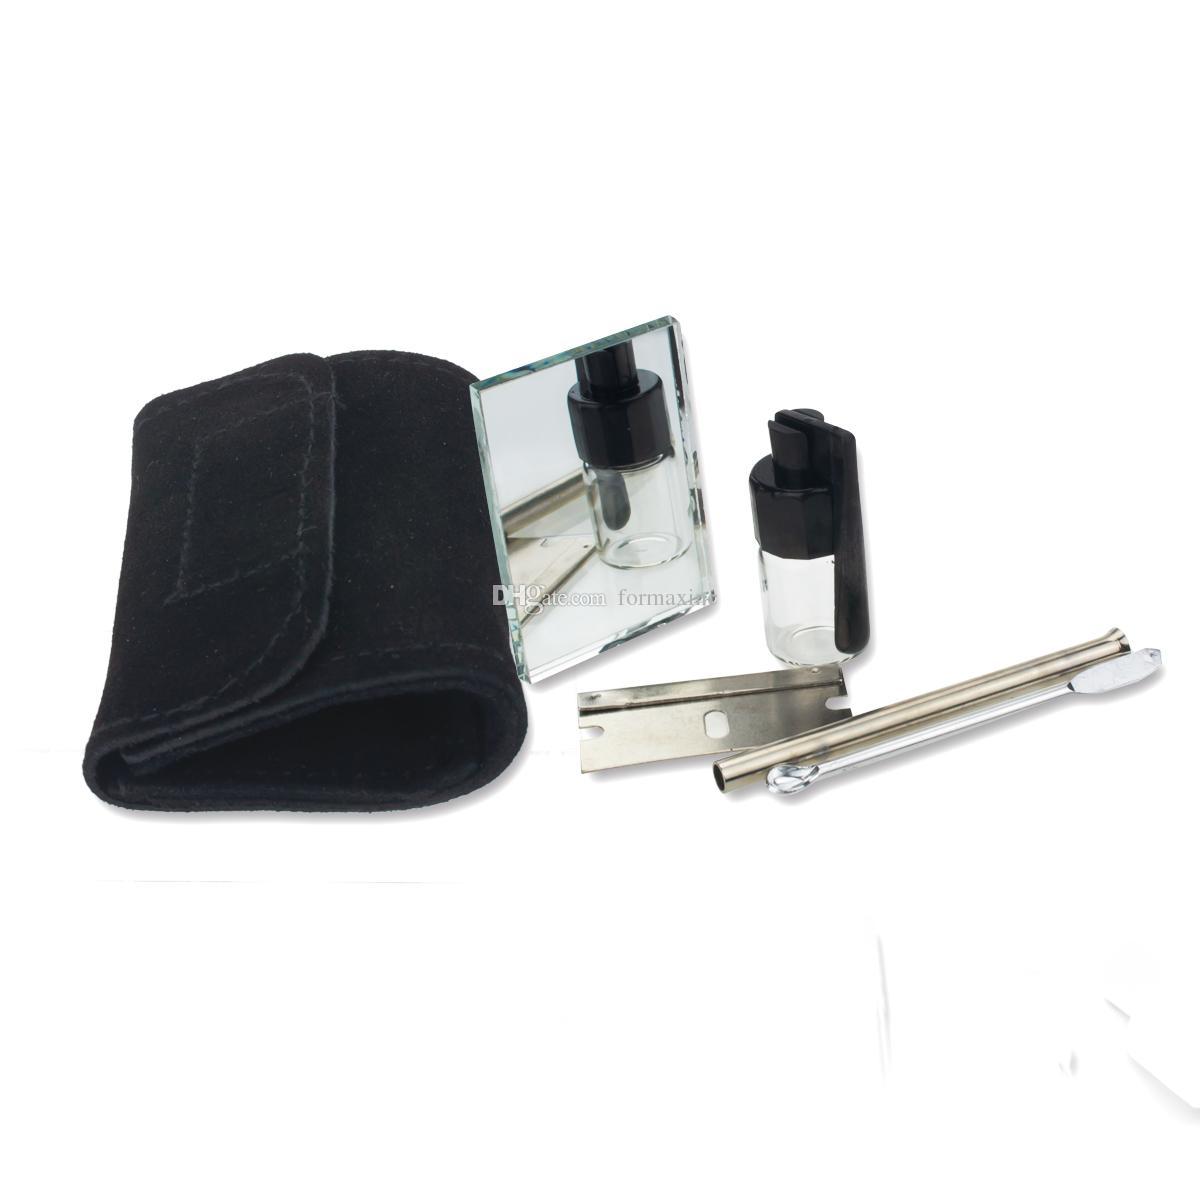 13.5mm x 6,5 mm Kleine Größe Snorter Sniffer Snuff Wildleder Kit Beutel Freies Verschiffen